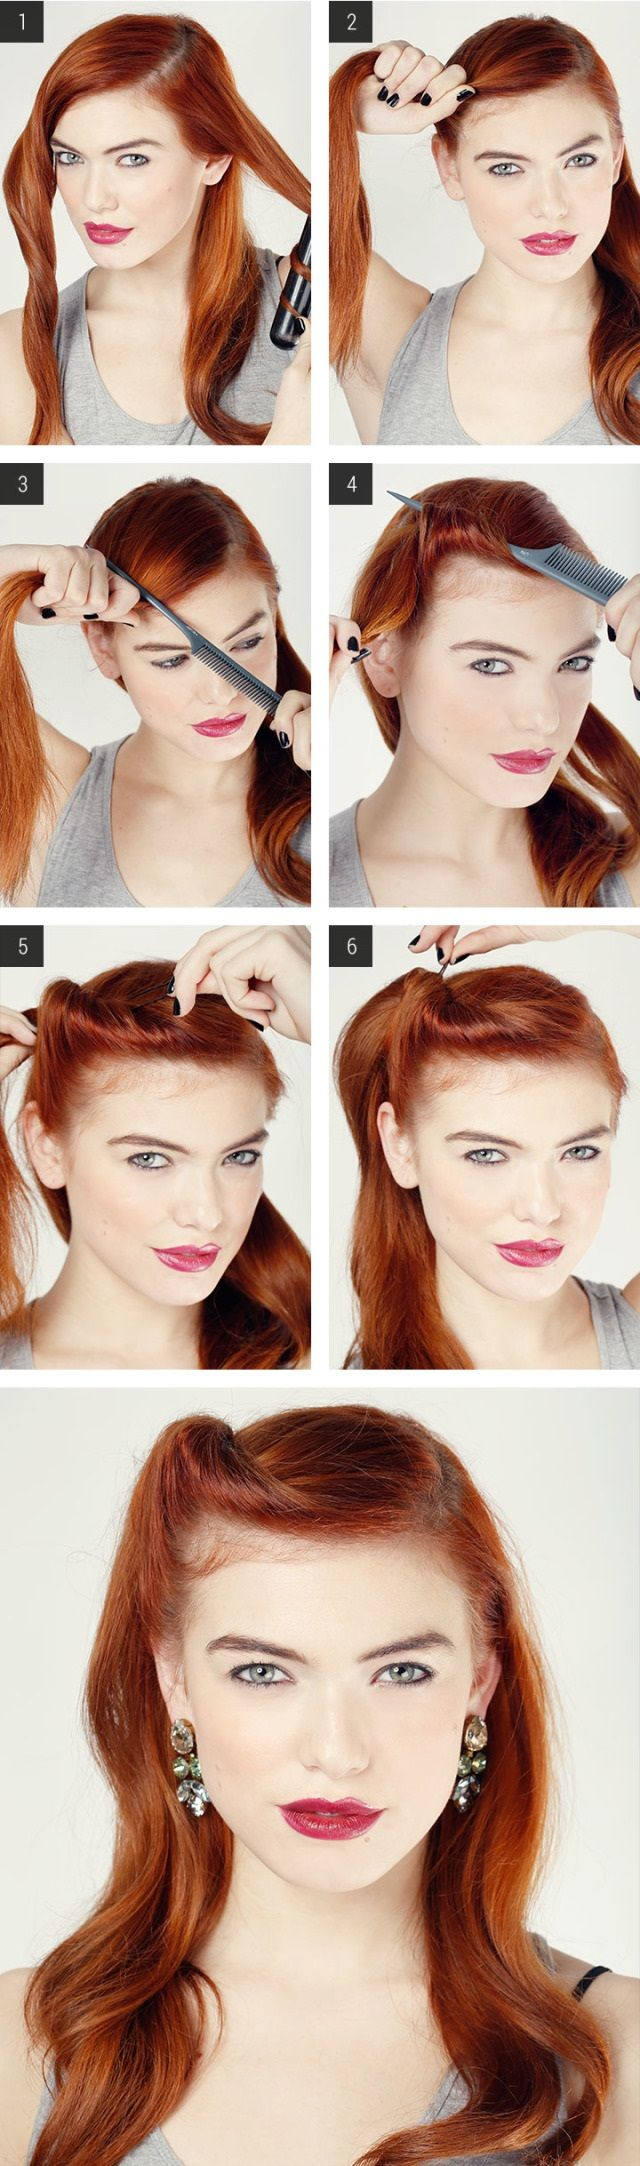 5 tutorial per acconciature con capelli lunghi